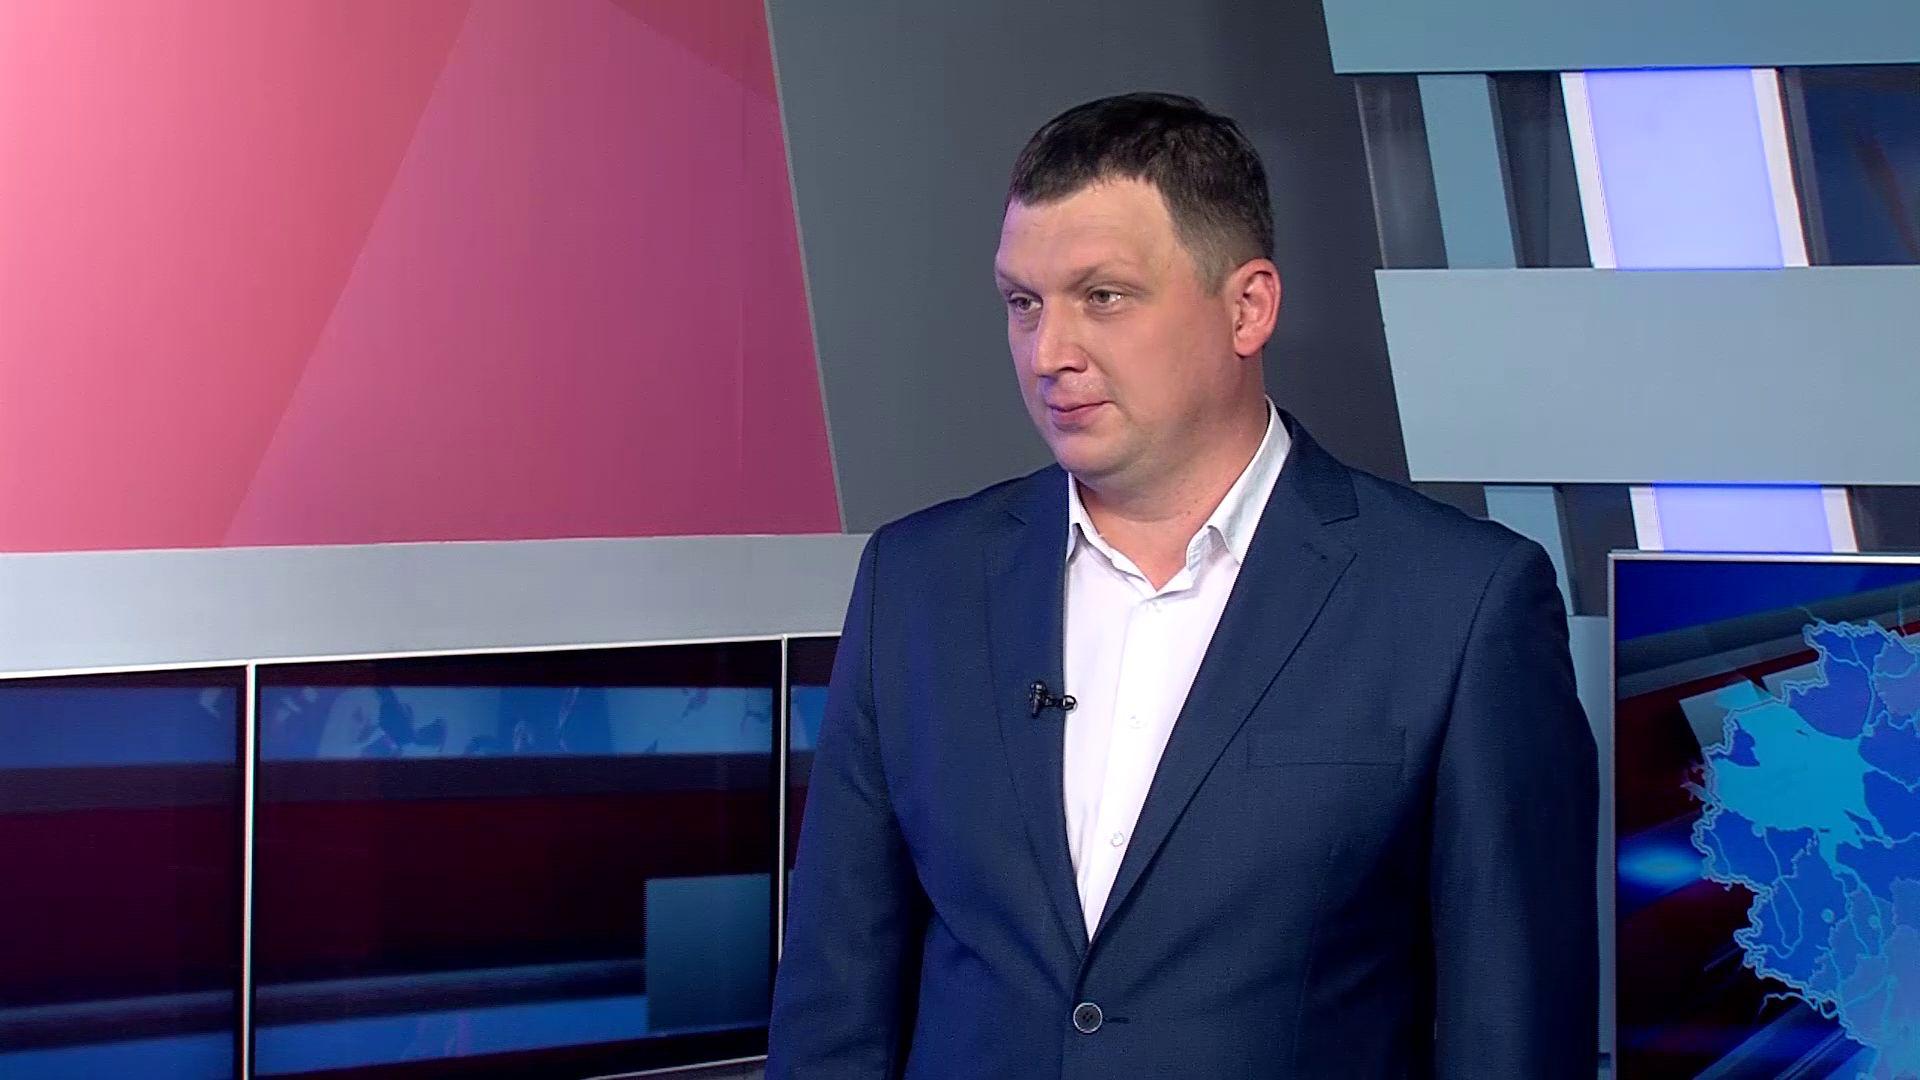 Председатель Общественной палаты Ярославской области Сергей Соловьев высказался о манипулировании детьми